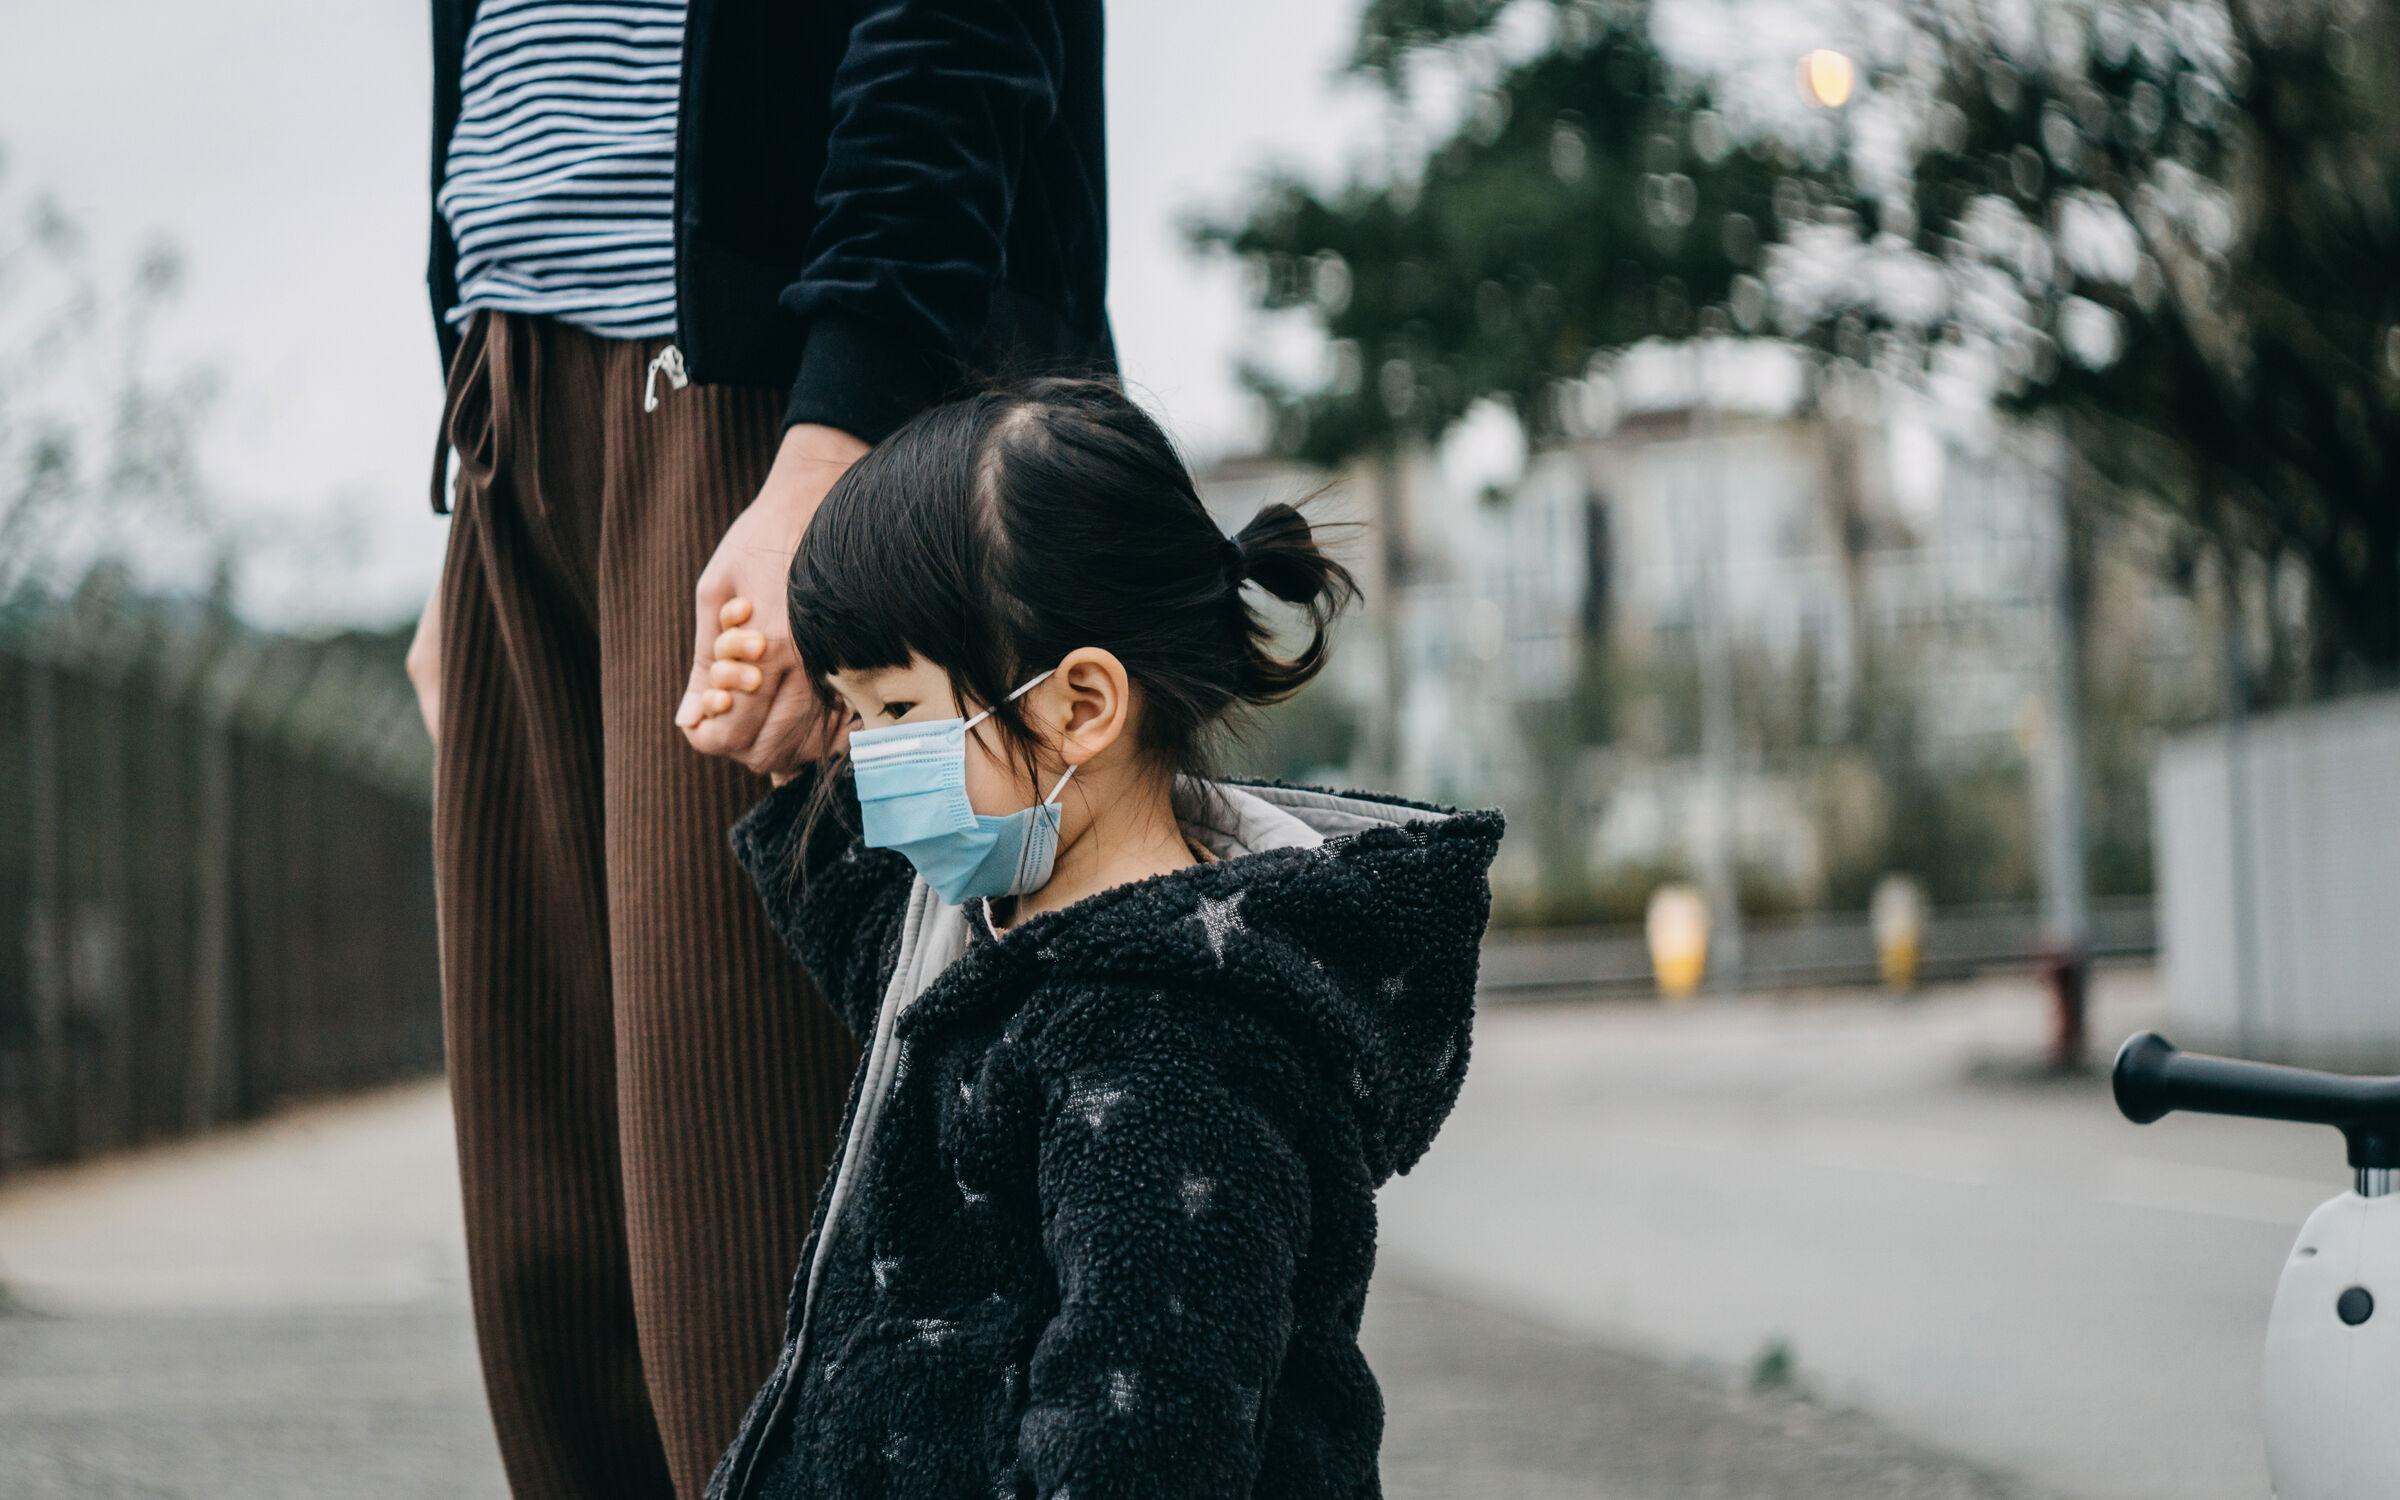 Mãe-atravessando-a-rua-com-a-filha-usando-mascara